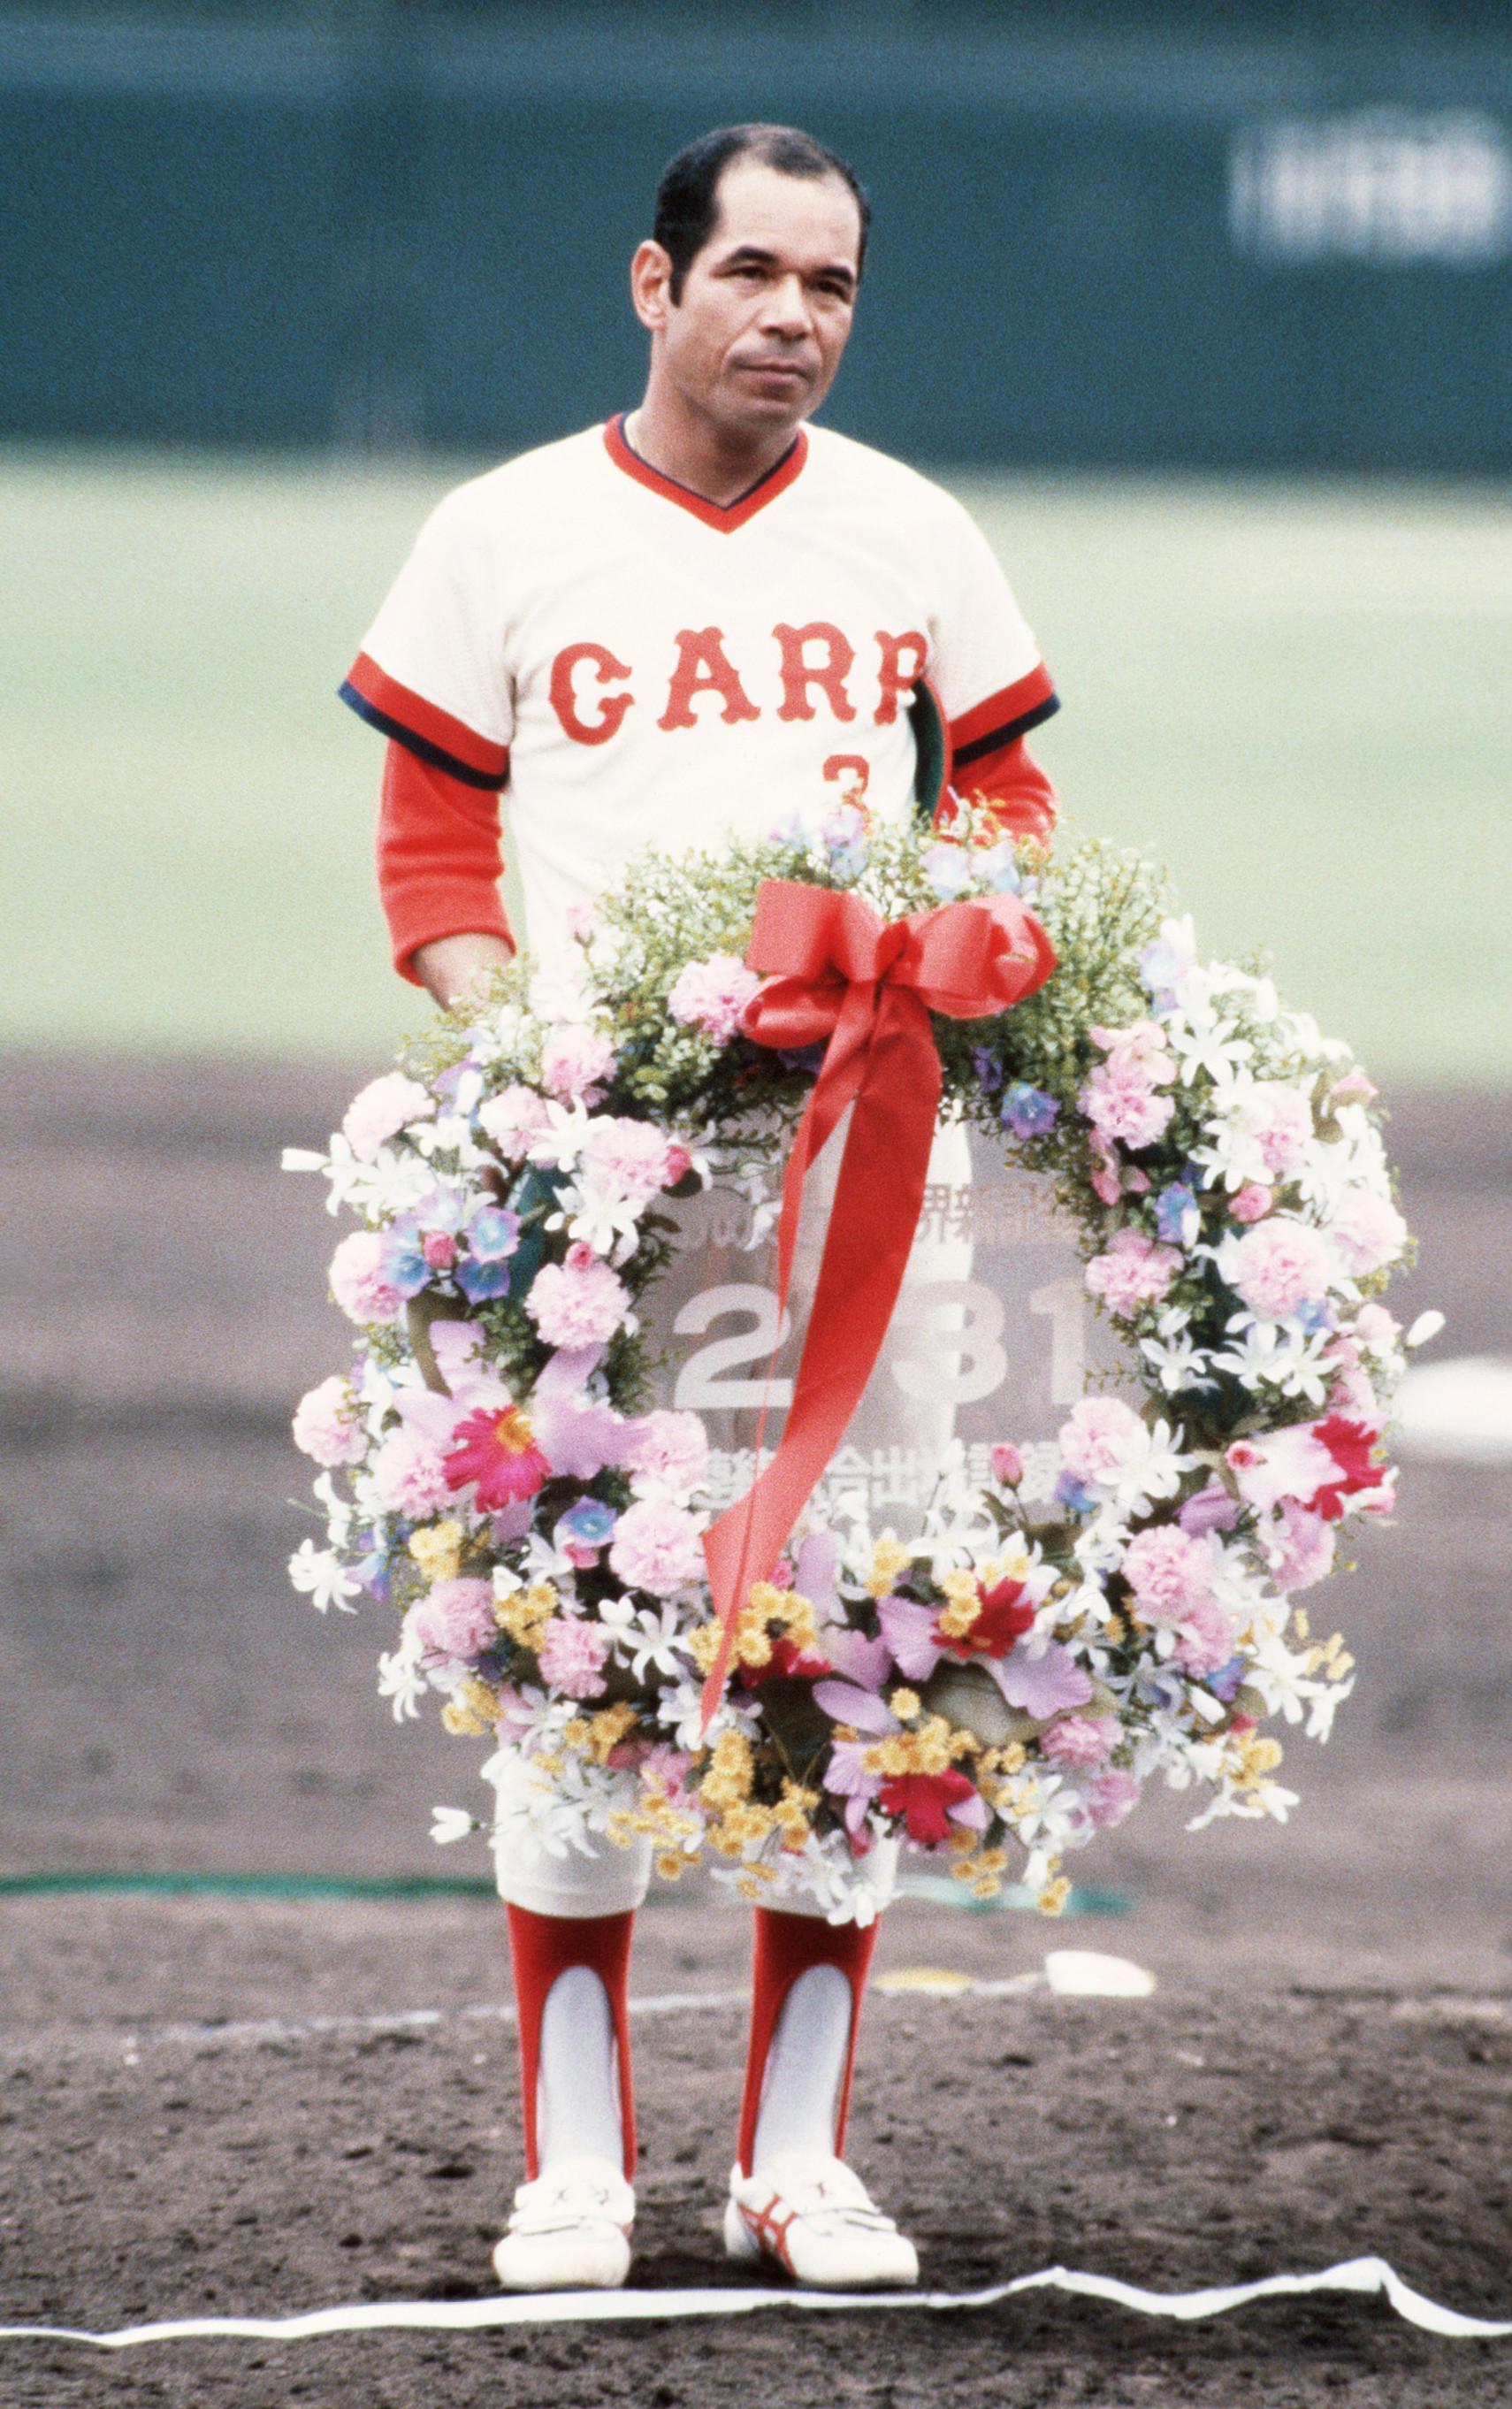 連続試合出場の世界新記録を達成し、グラウンドで記念の花輪を手にする衣笠祥雄選手=1987年6月、広島市